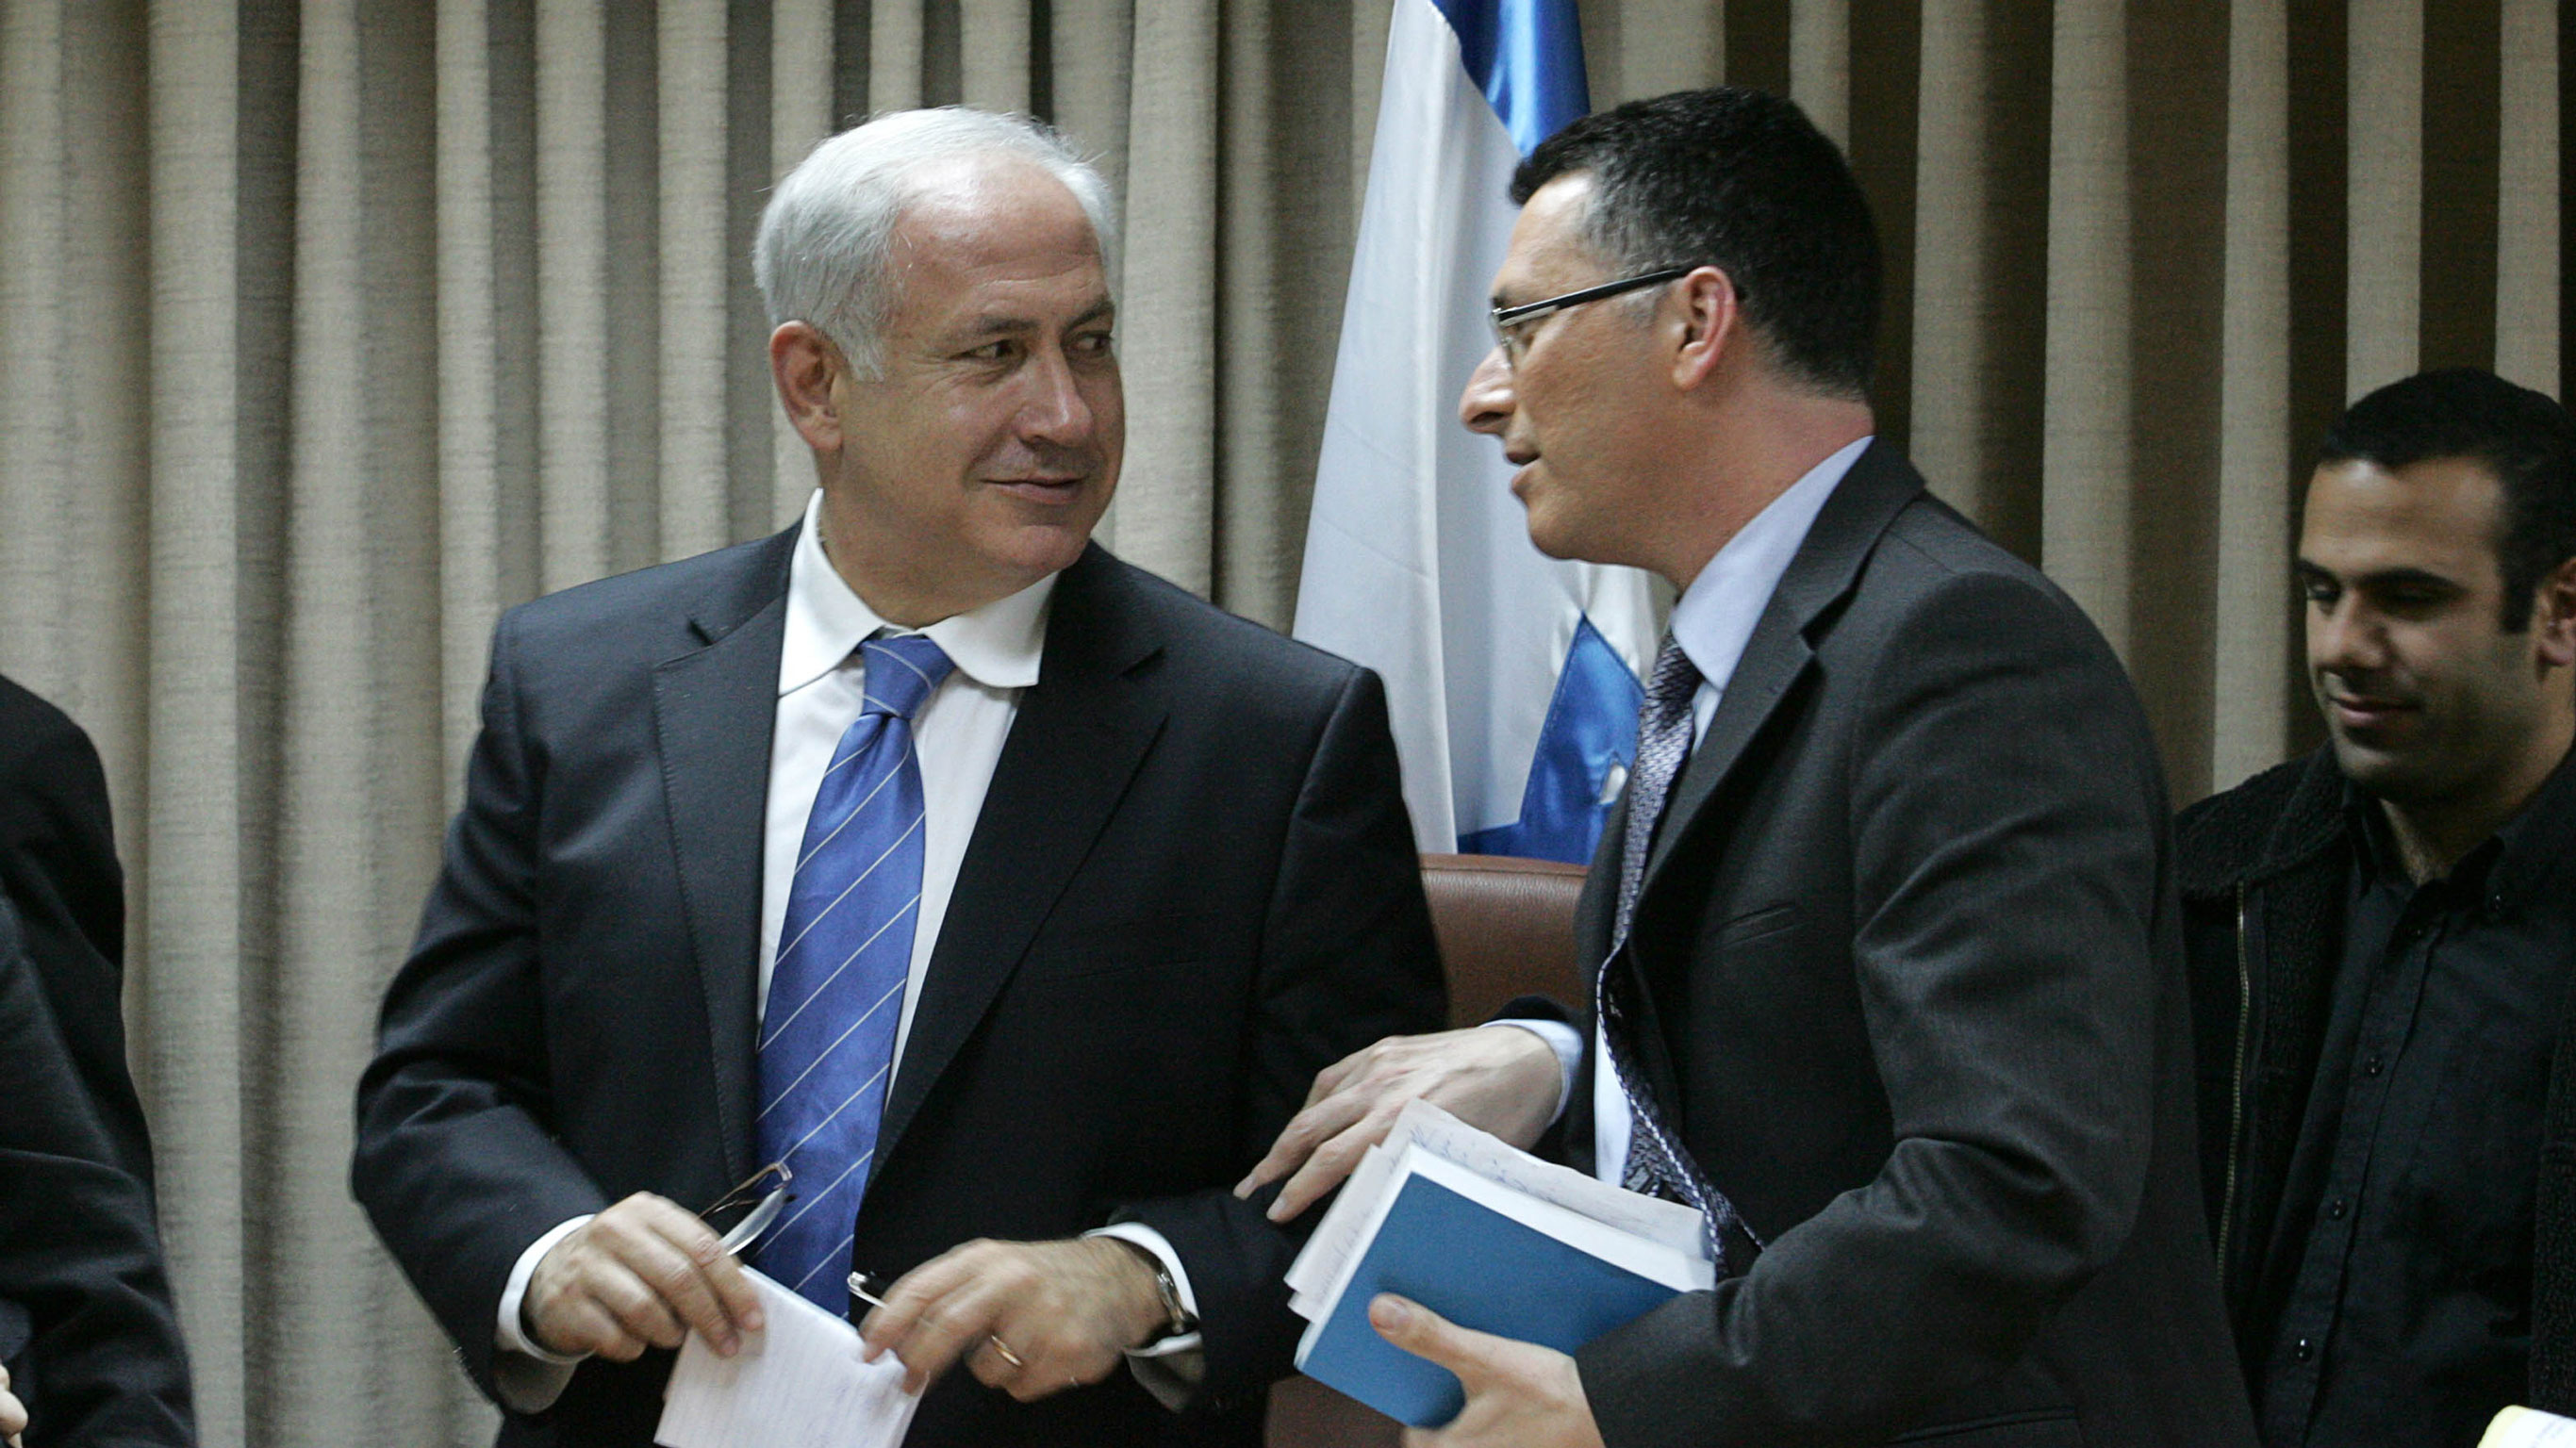 Le rival de Netanyahu au Likoud est «prêt» à défier le Premier ministre si des primaires sont organisées